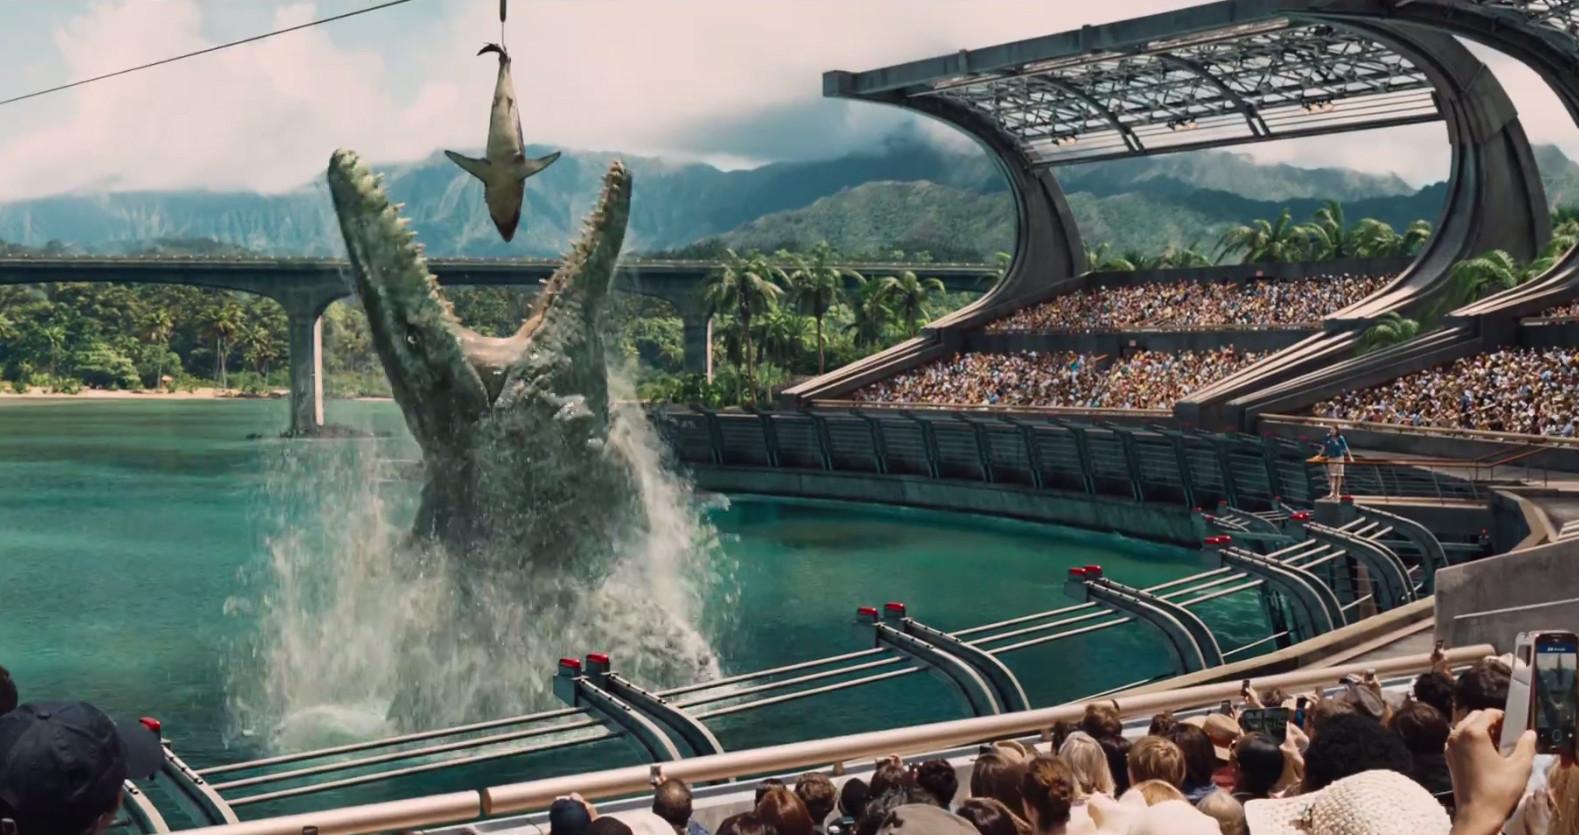 Die Saurier sind wieder los: Szene aus Jurassic World. Bild: Universal